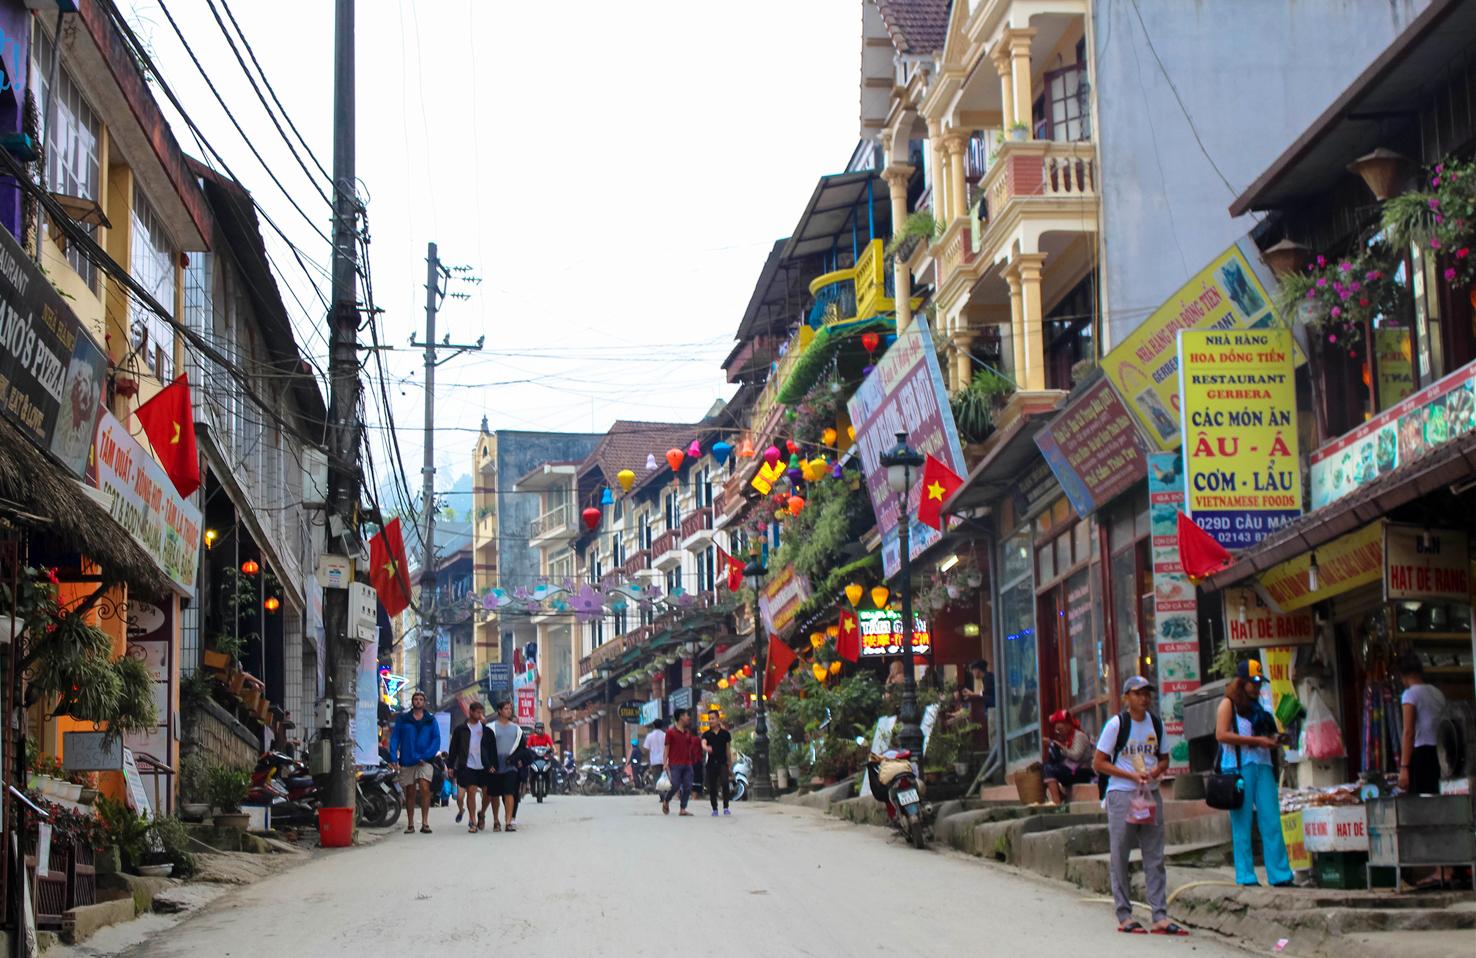 Giá đất Sa Pa cao ngang ngửa mặt phố Hà Nội, cầm 20 tỷ vẫn khó đầu tư - Ảnh 1.